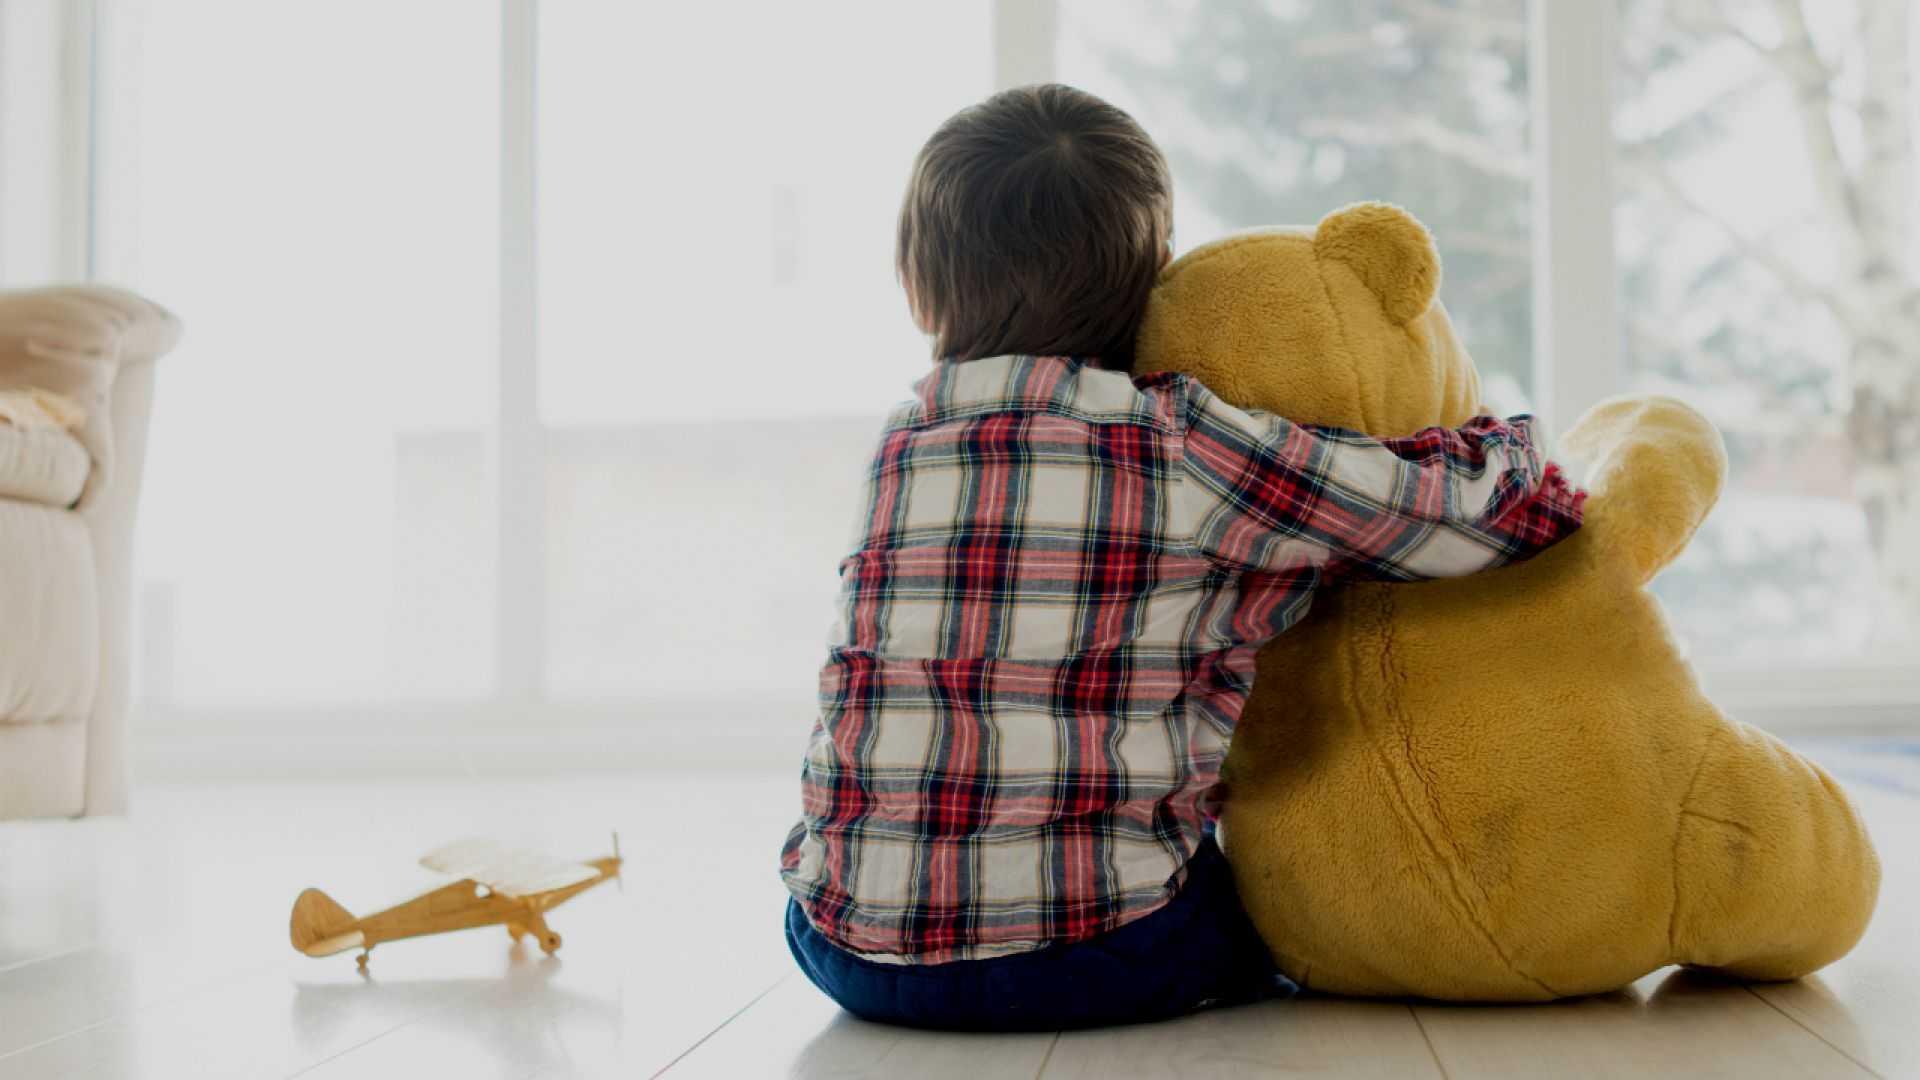 Почему дети жадничают и что с этим делать - воспитание и психология